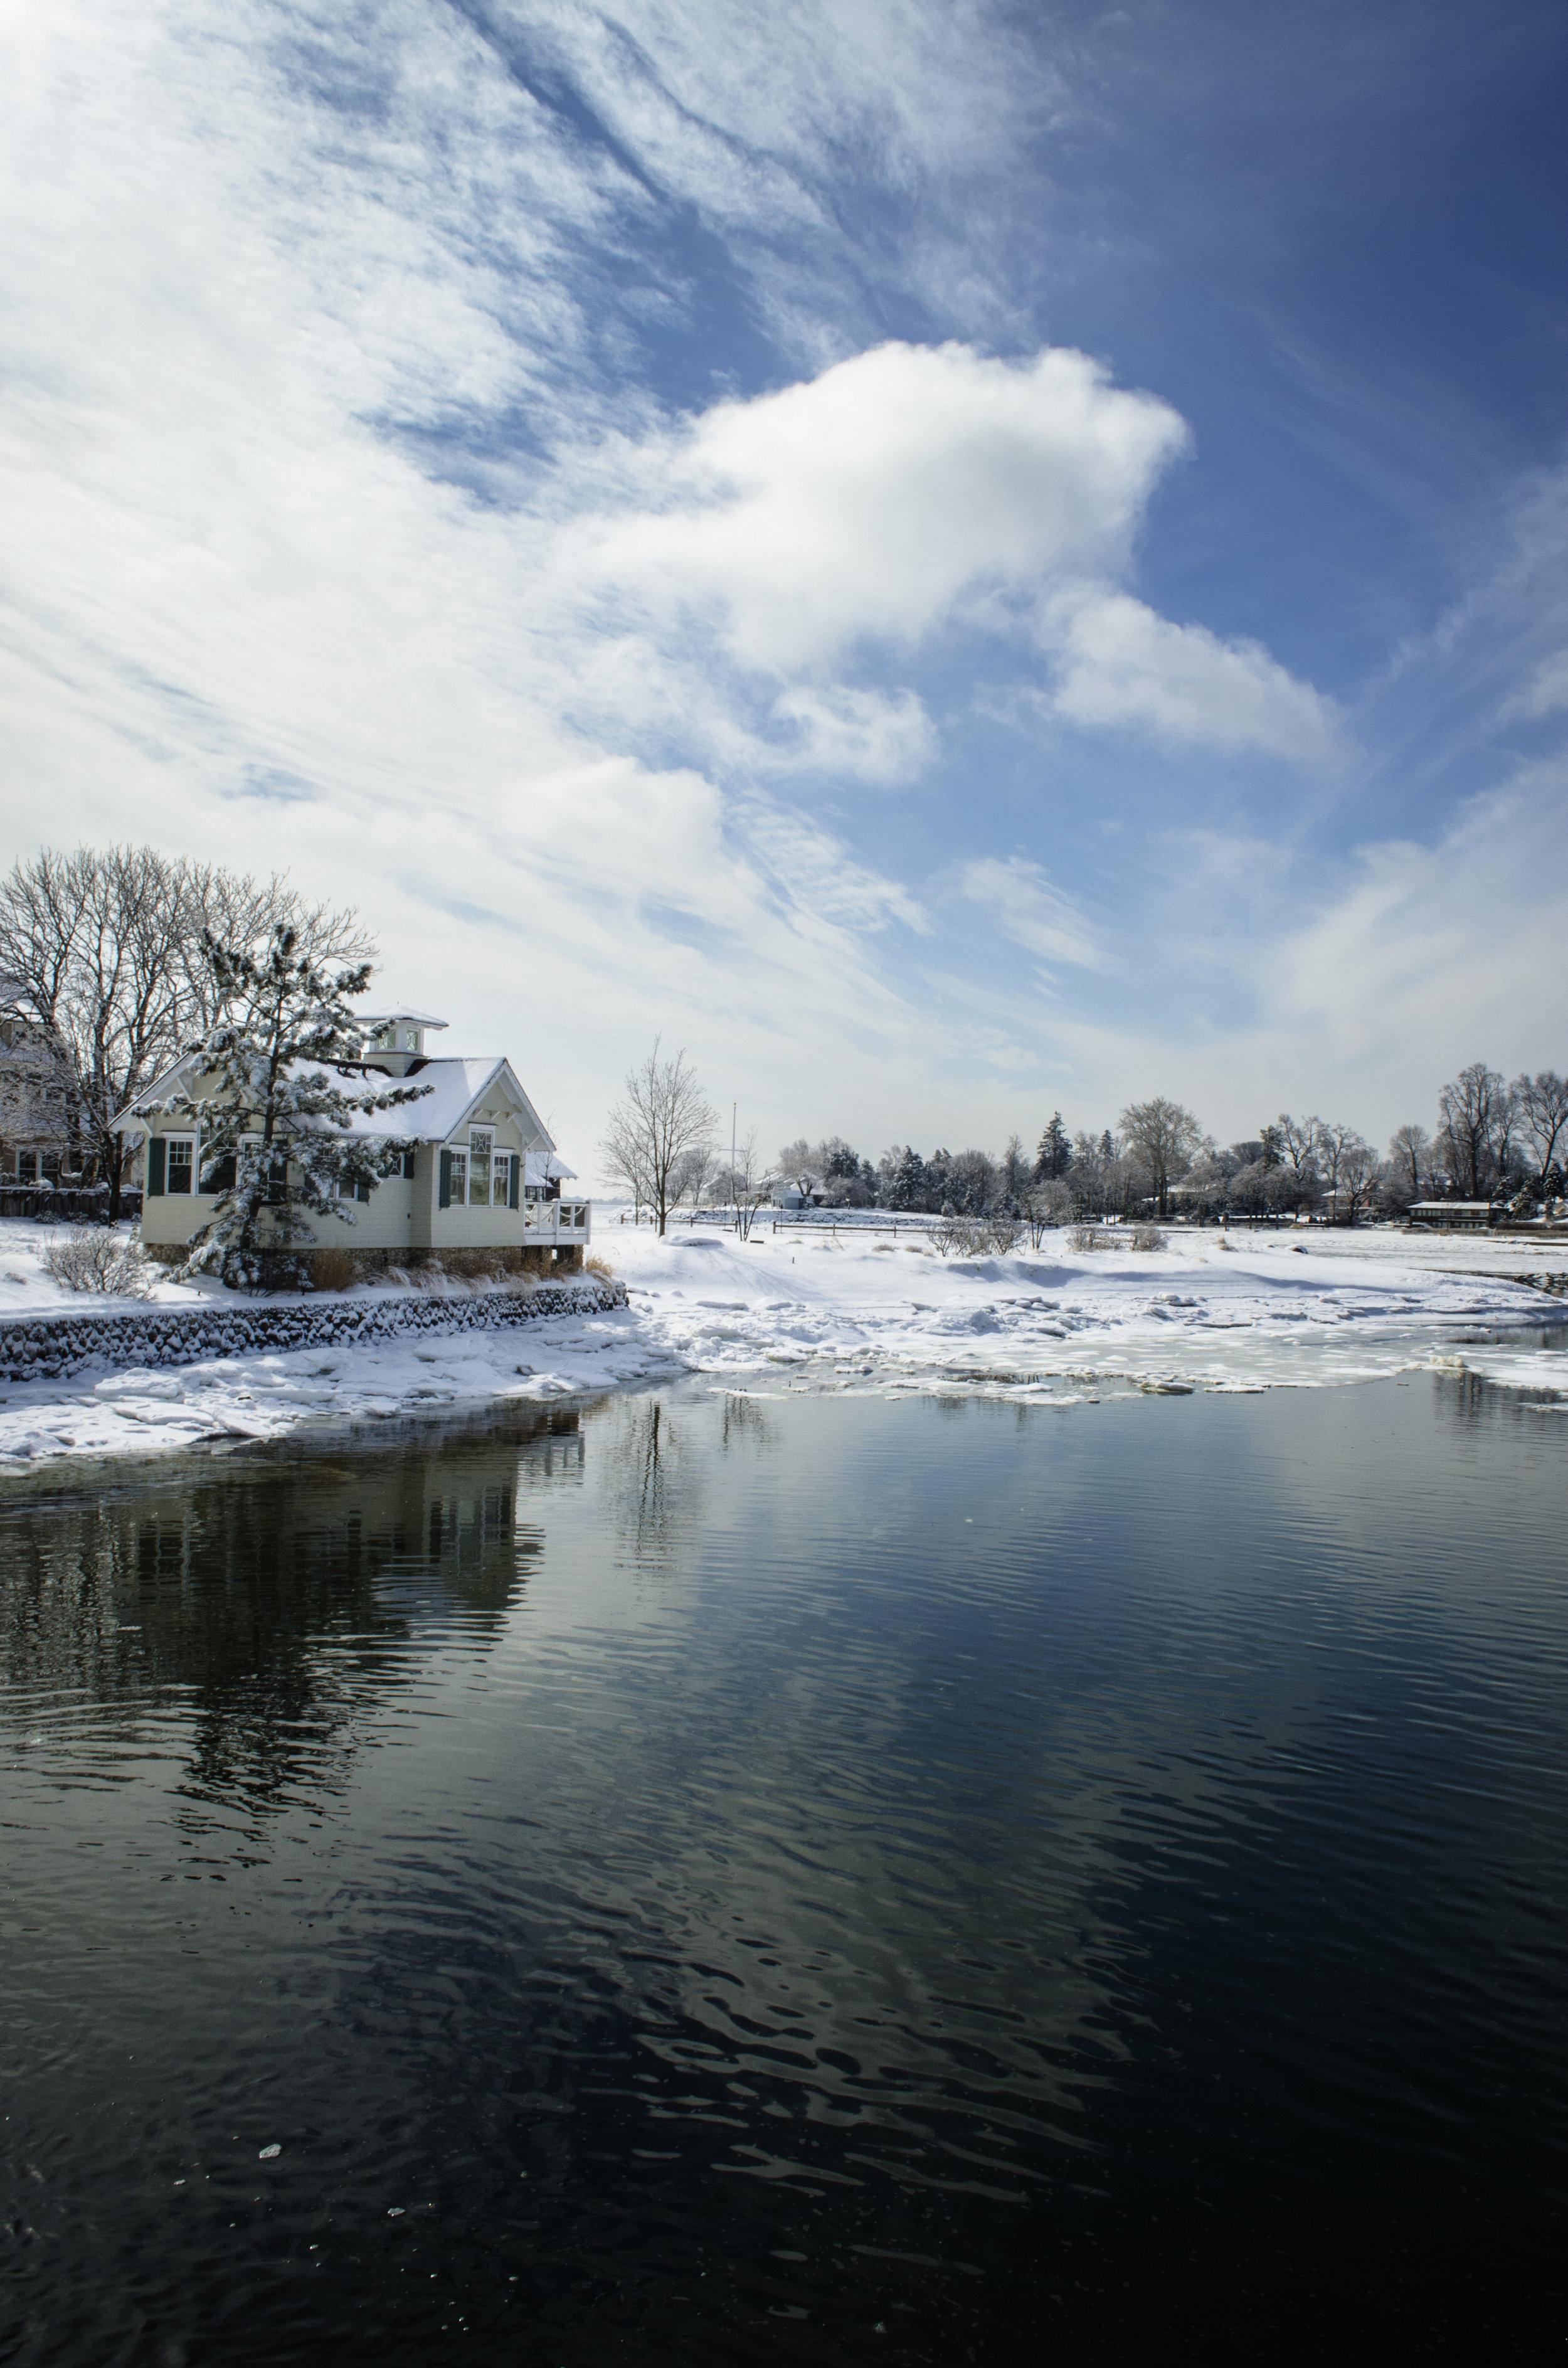 westport-winter-2_16040262174_o.jpg